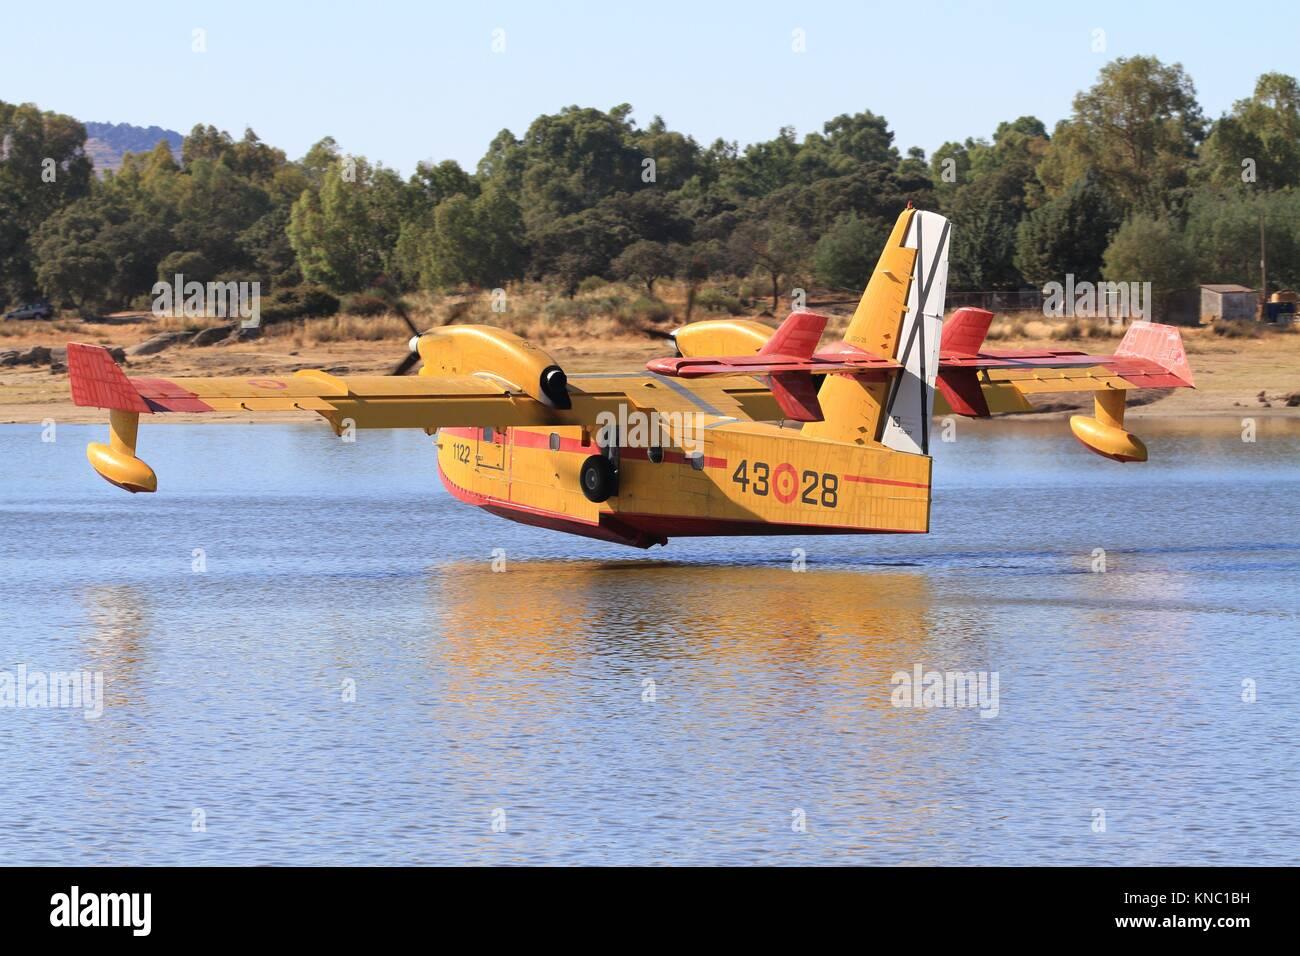 Avioneta canadair en el Pantado de Valdesalor de cáceres, Extremadura, España. - Stock Image